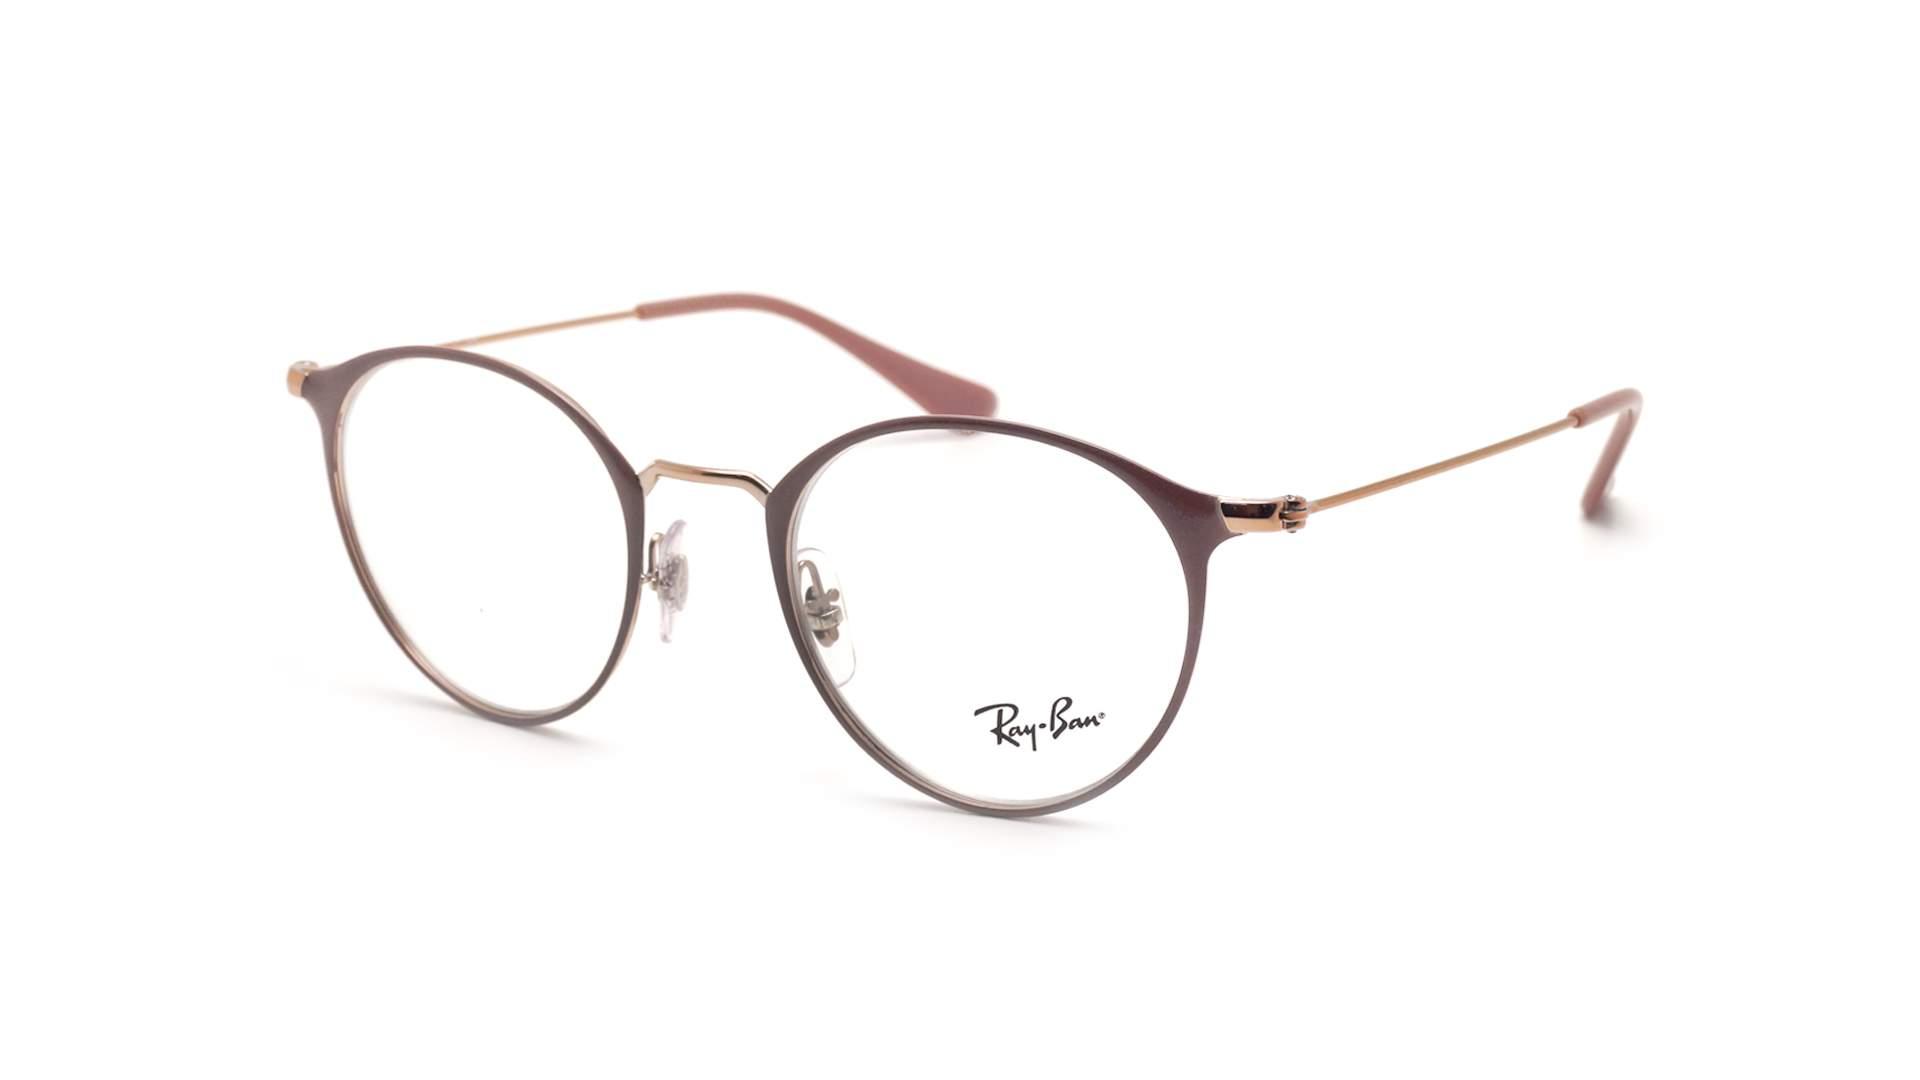 b0b4372580 Eyeglasses Ray-Ban RX6378 RB6378 2973 47-21 Pink Small